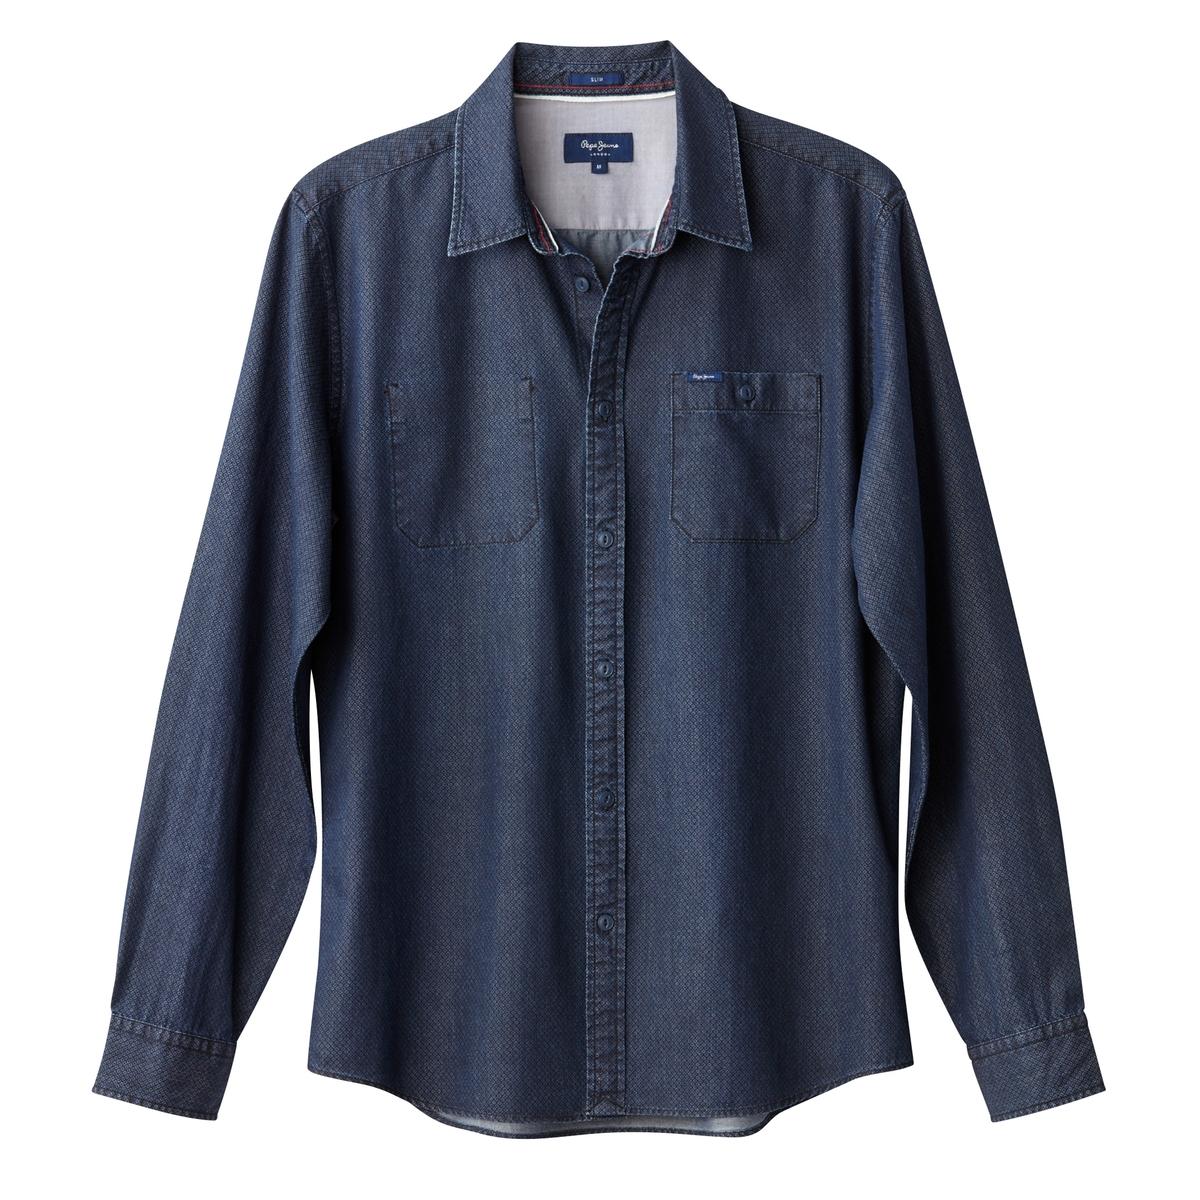 Рубашка PEPE JEANS 46737 от LaRedoute